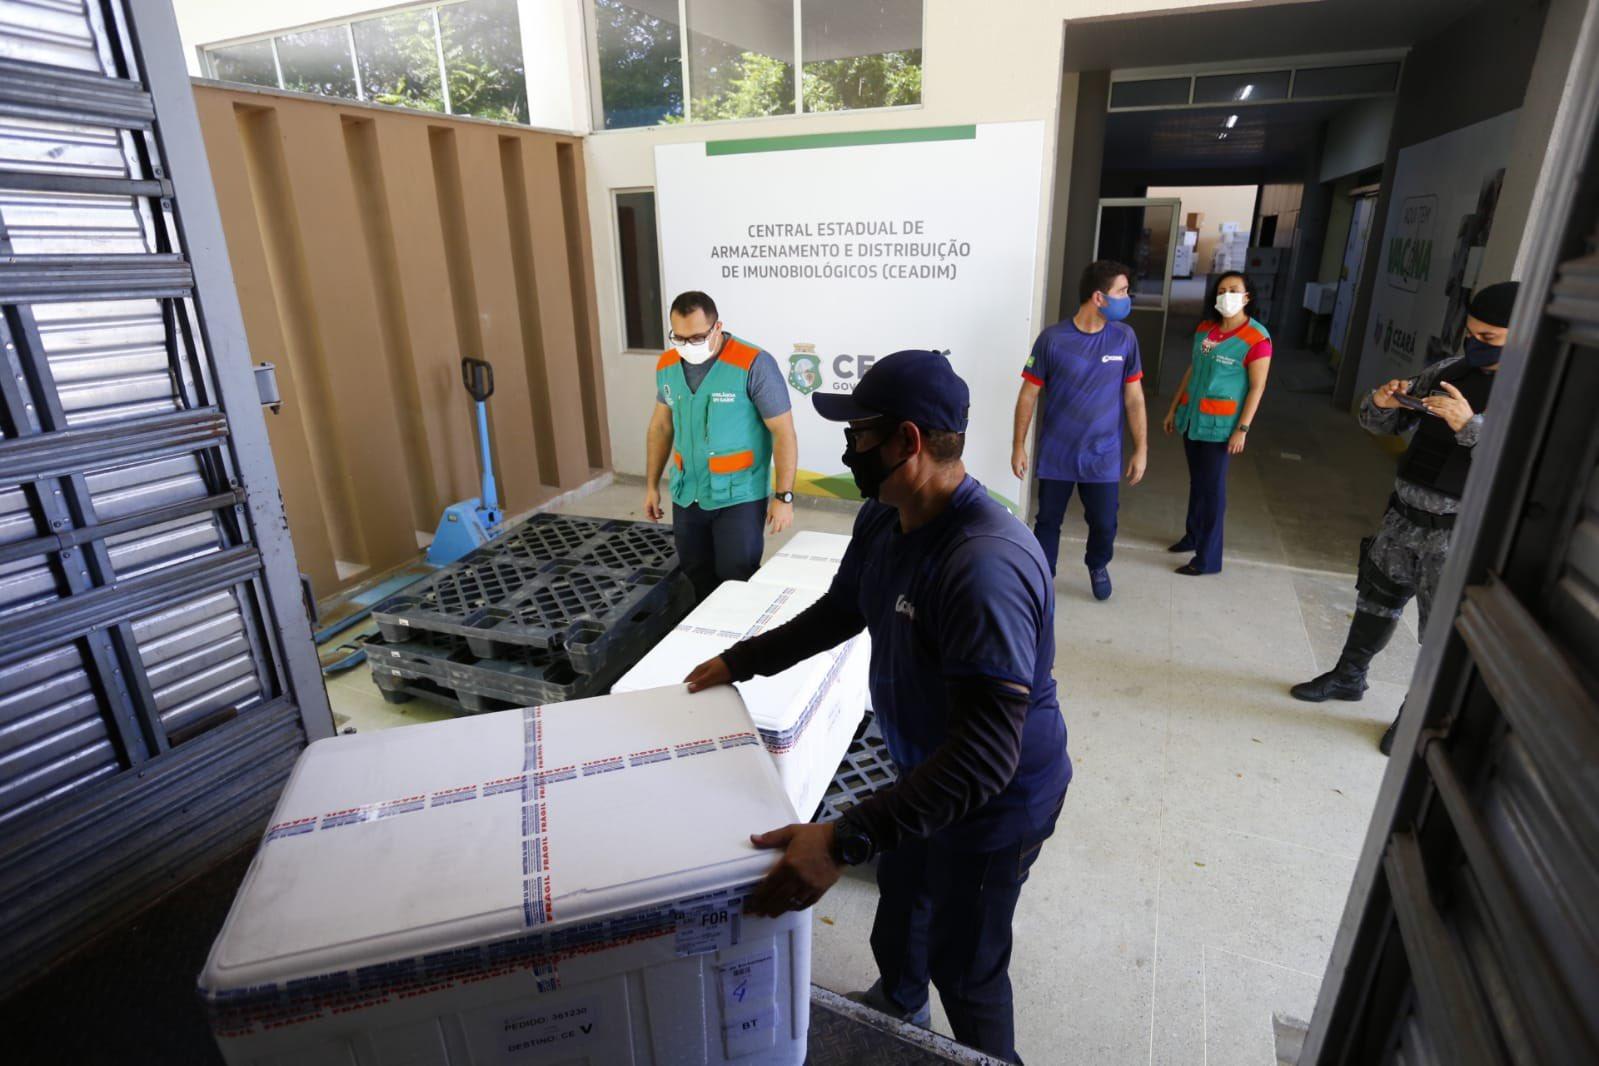 Pessoas distribuindo carga de vacina contra Covid-19